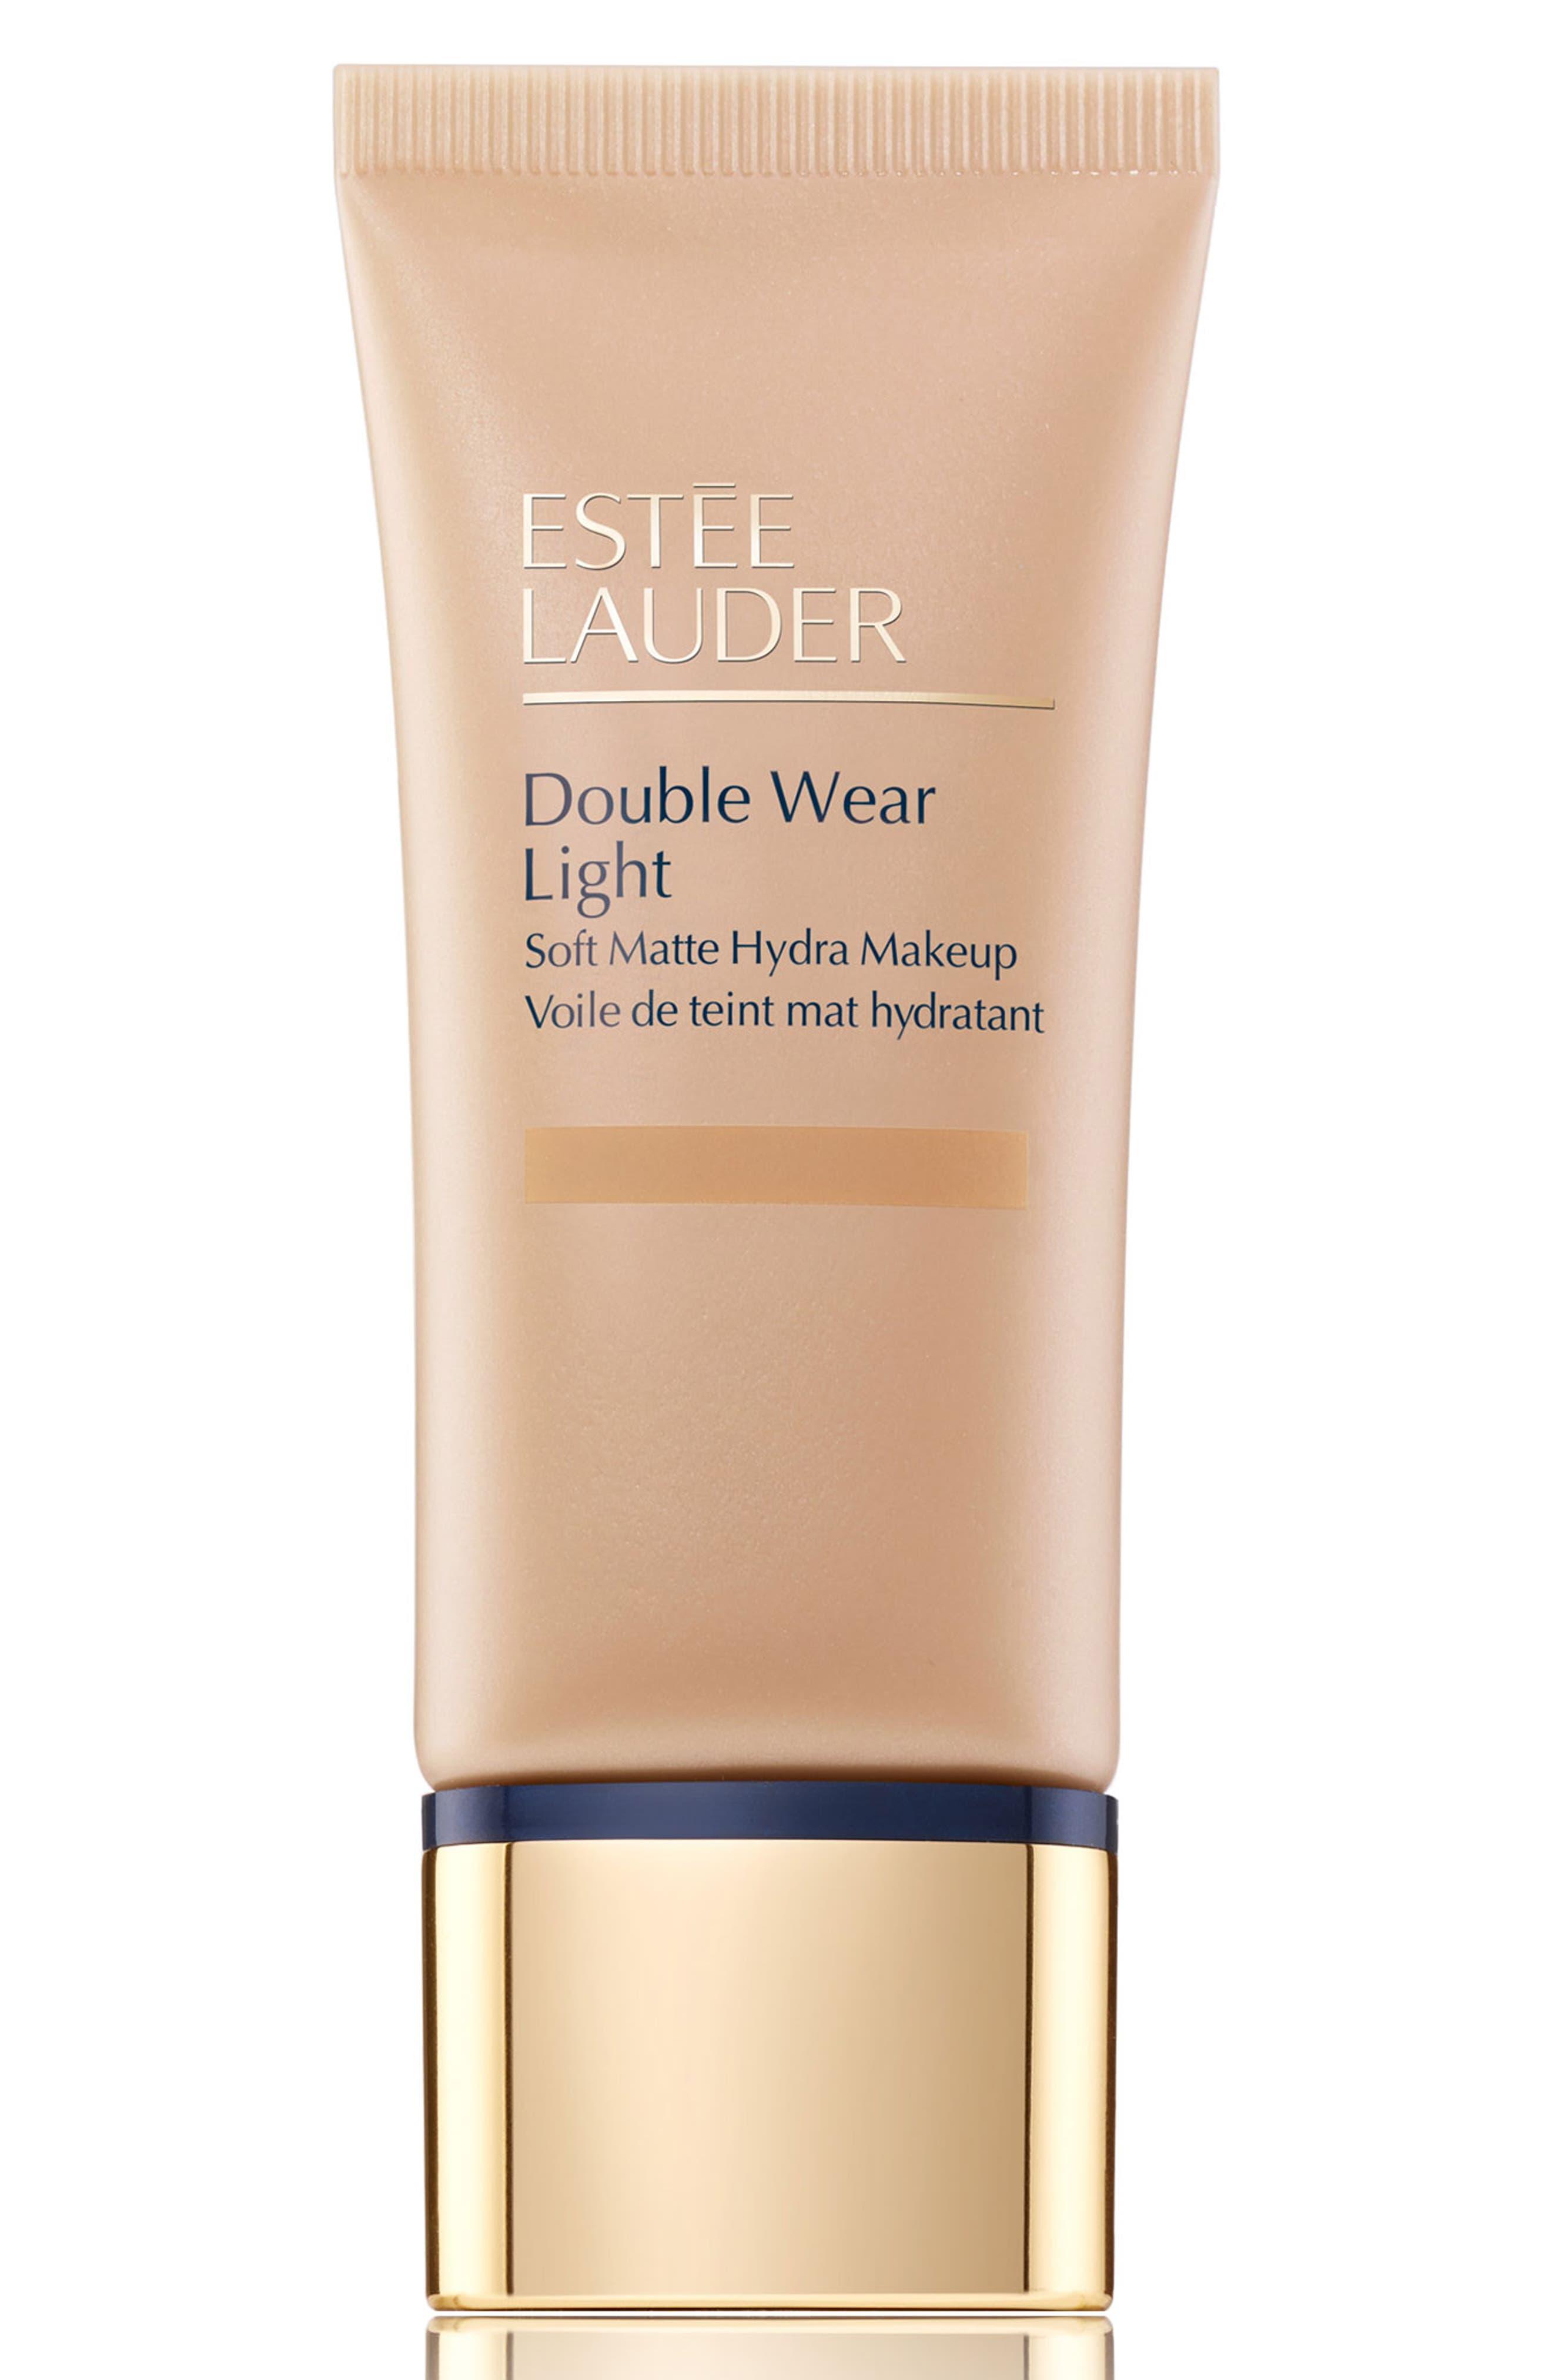 Estee Lauder Double Wear Light Soft Matte Hydra Makeup - 1 Dawn